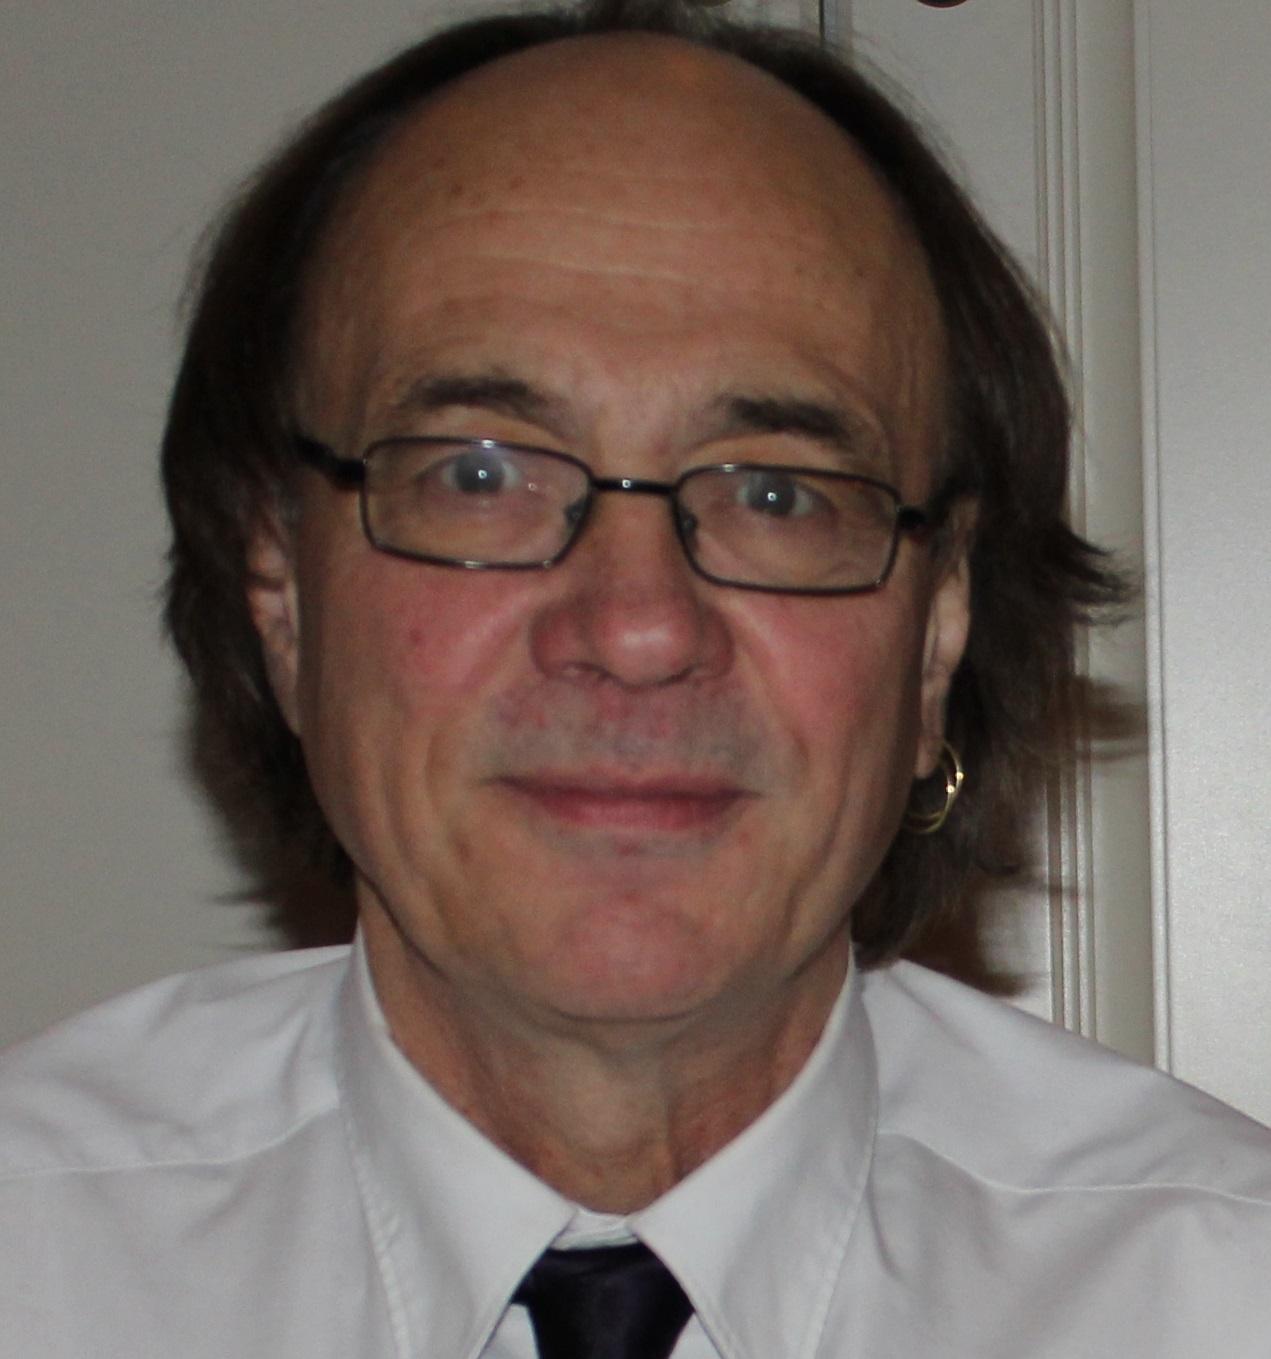 Bjørn R. Langerud